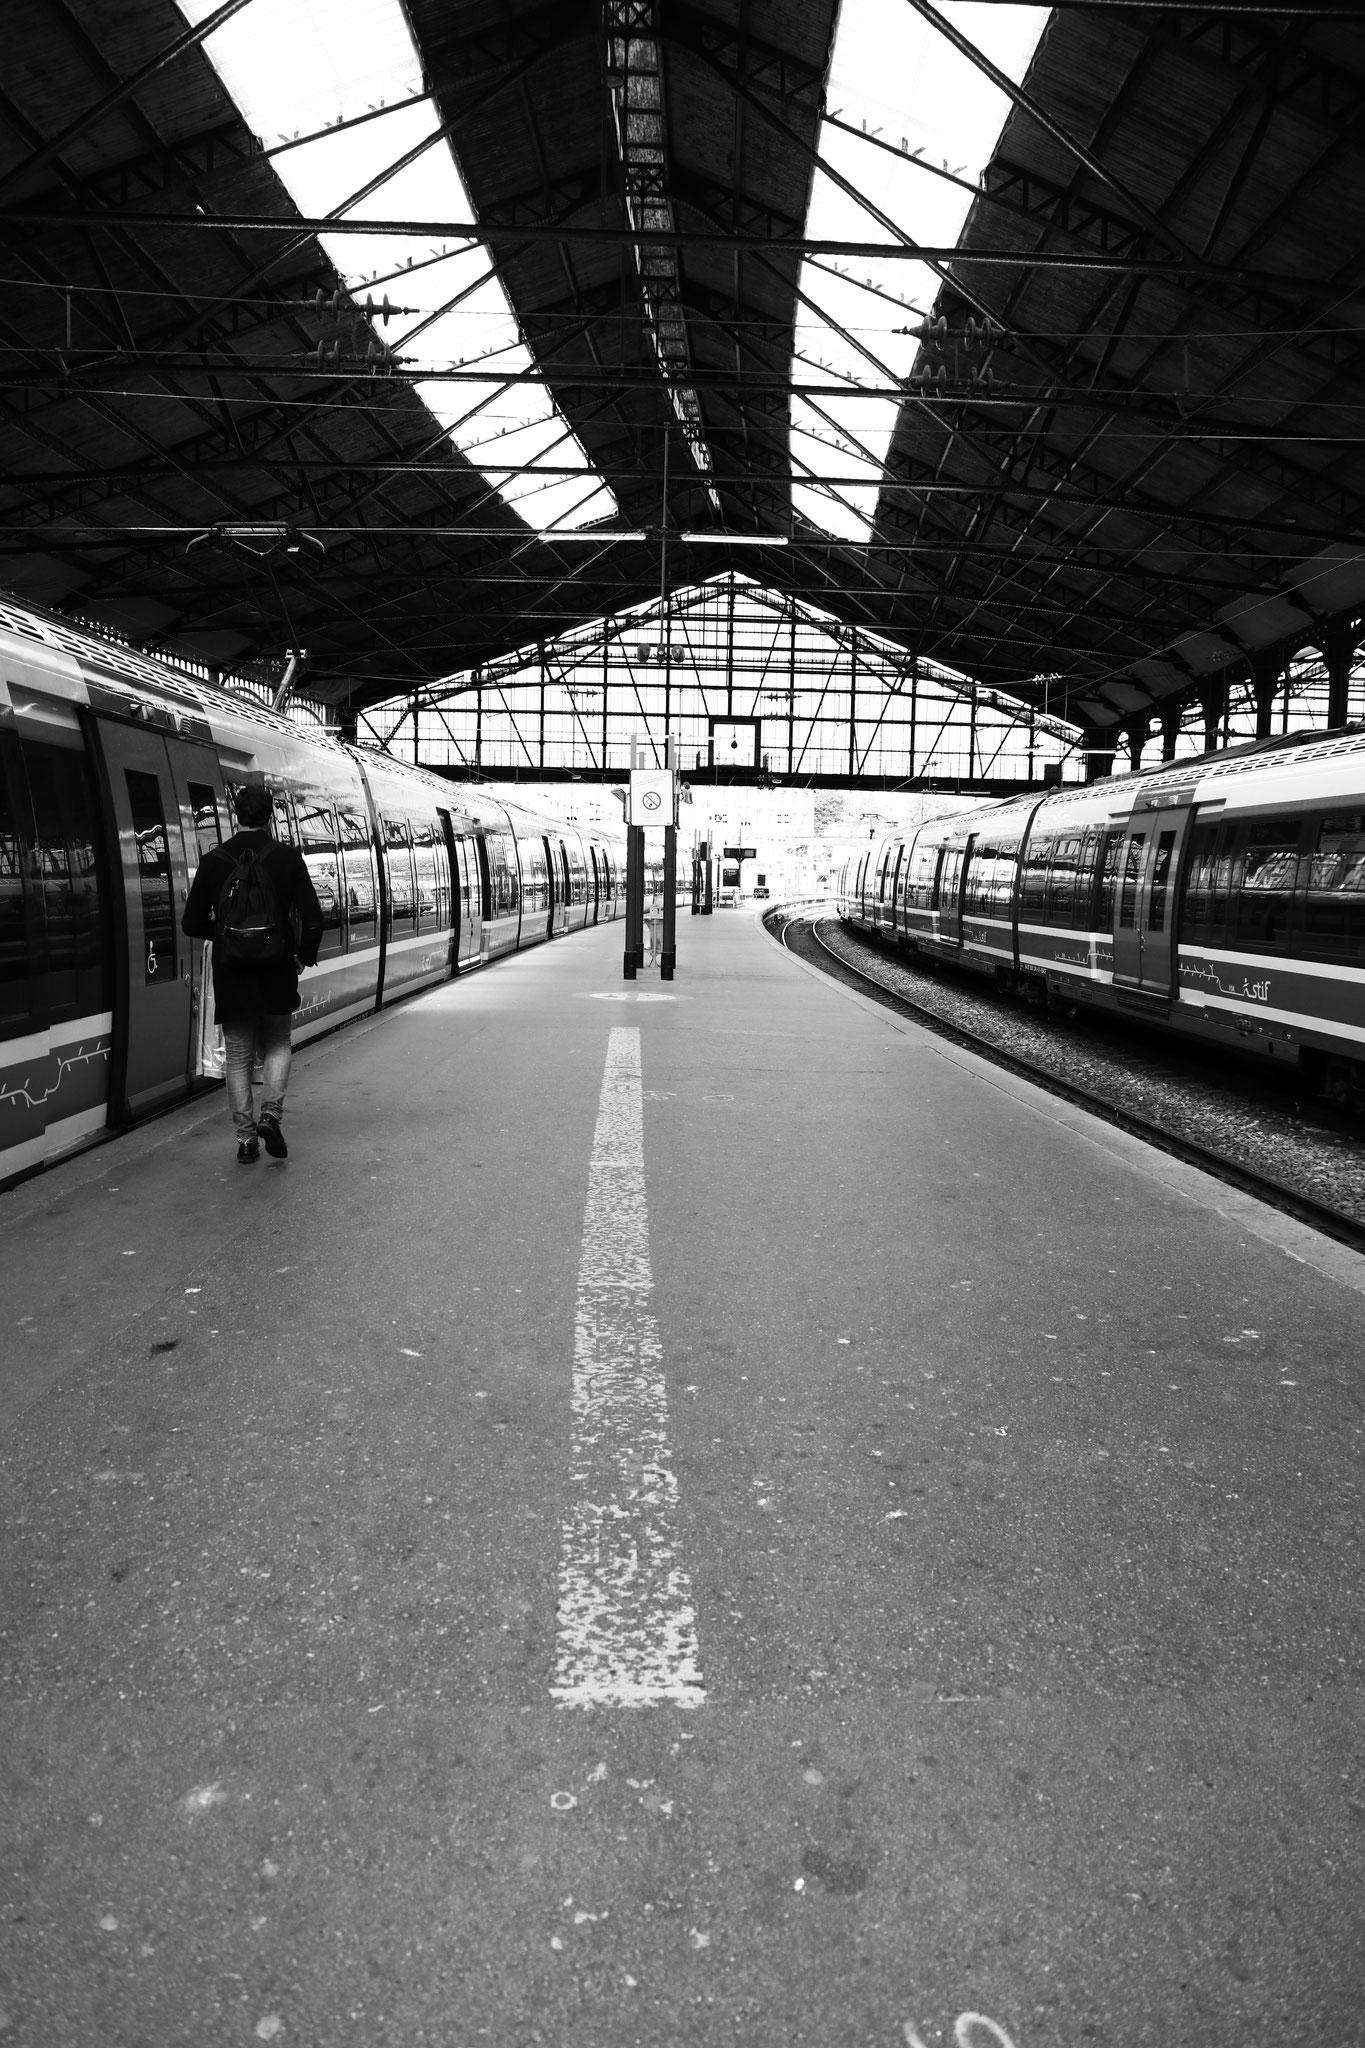 """""""Don't miss your train"""" - Gare Saint-Lazare, Paris (2021). Canon 5D Mark IV + 24-105mm. ©Clémence Rougetet"""